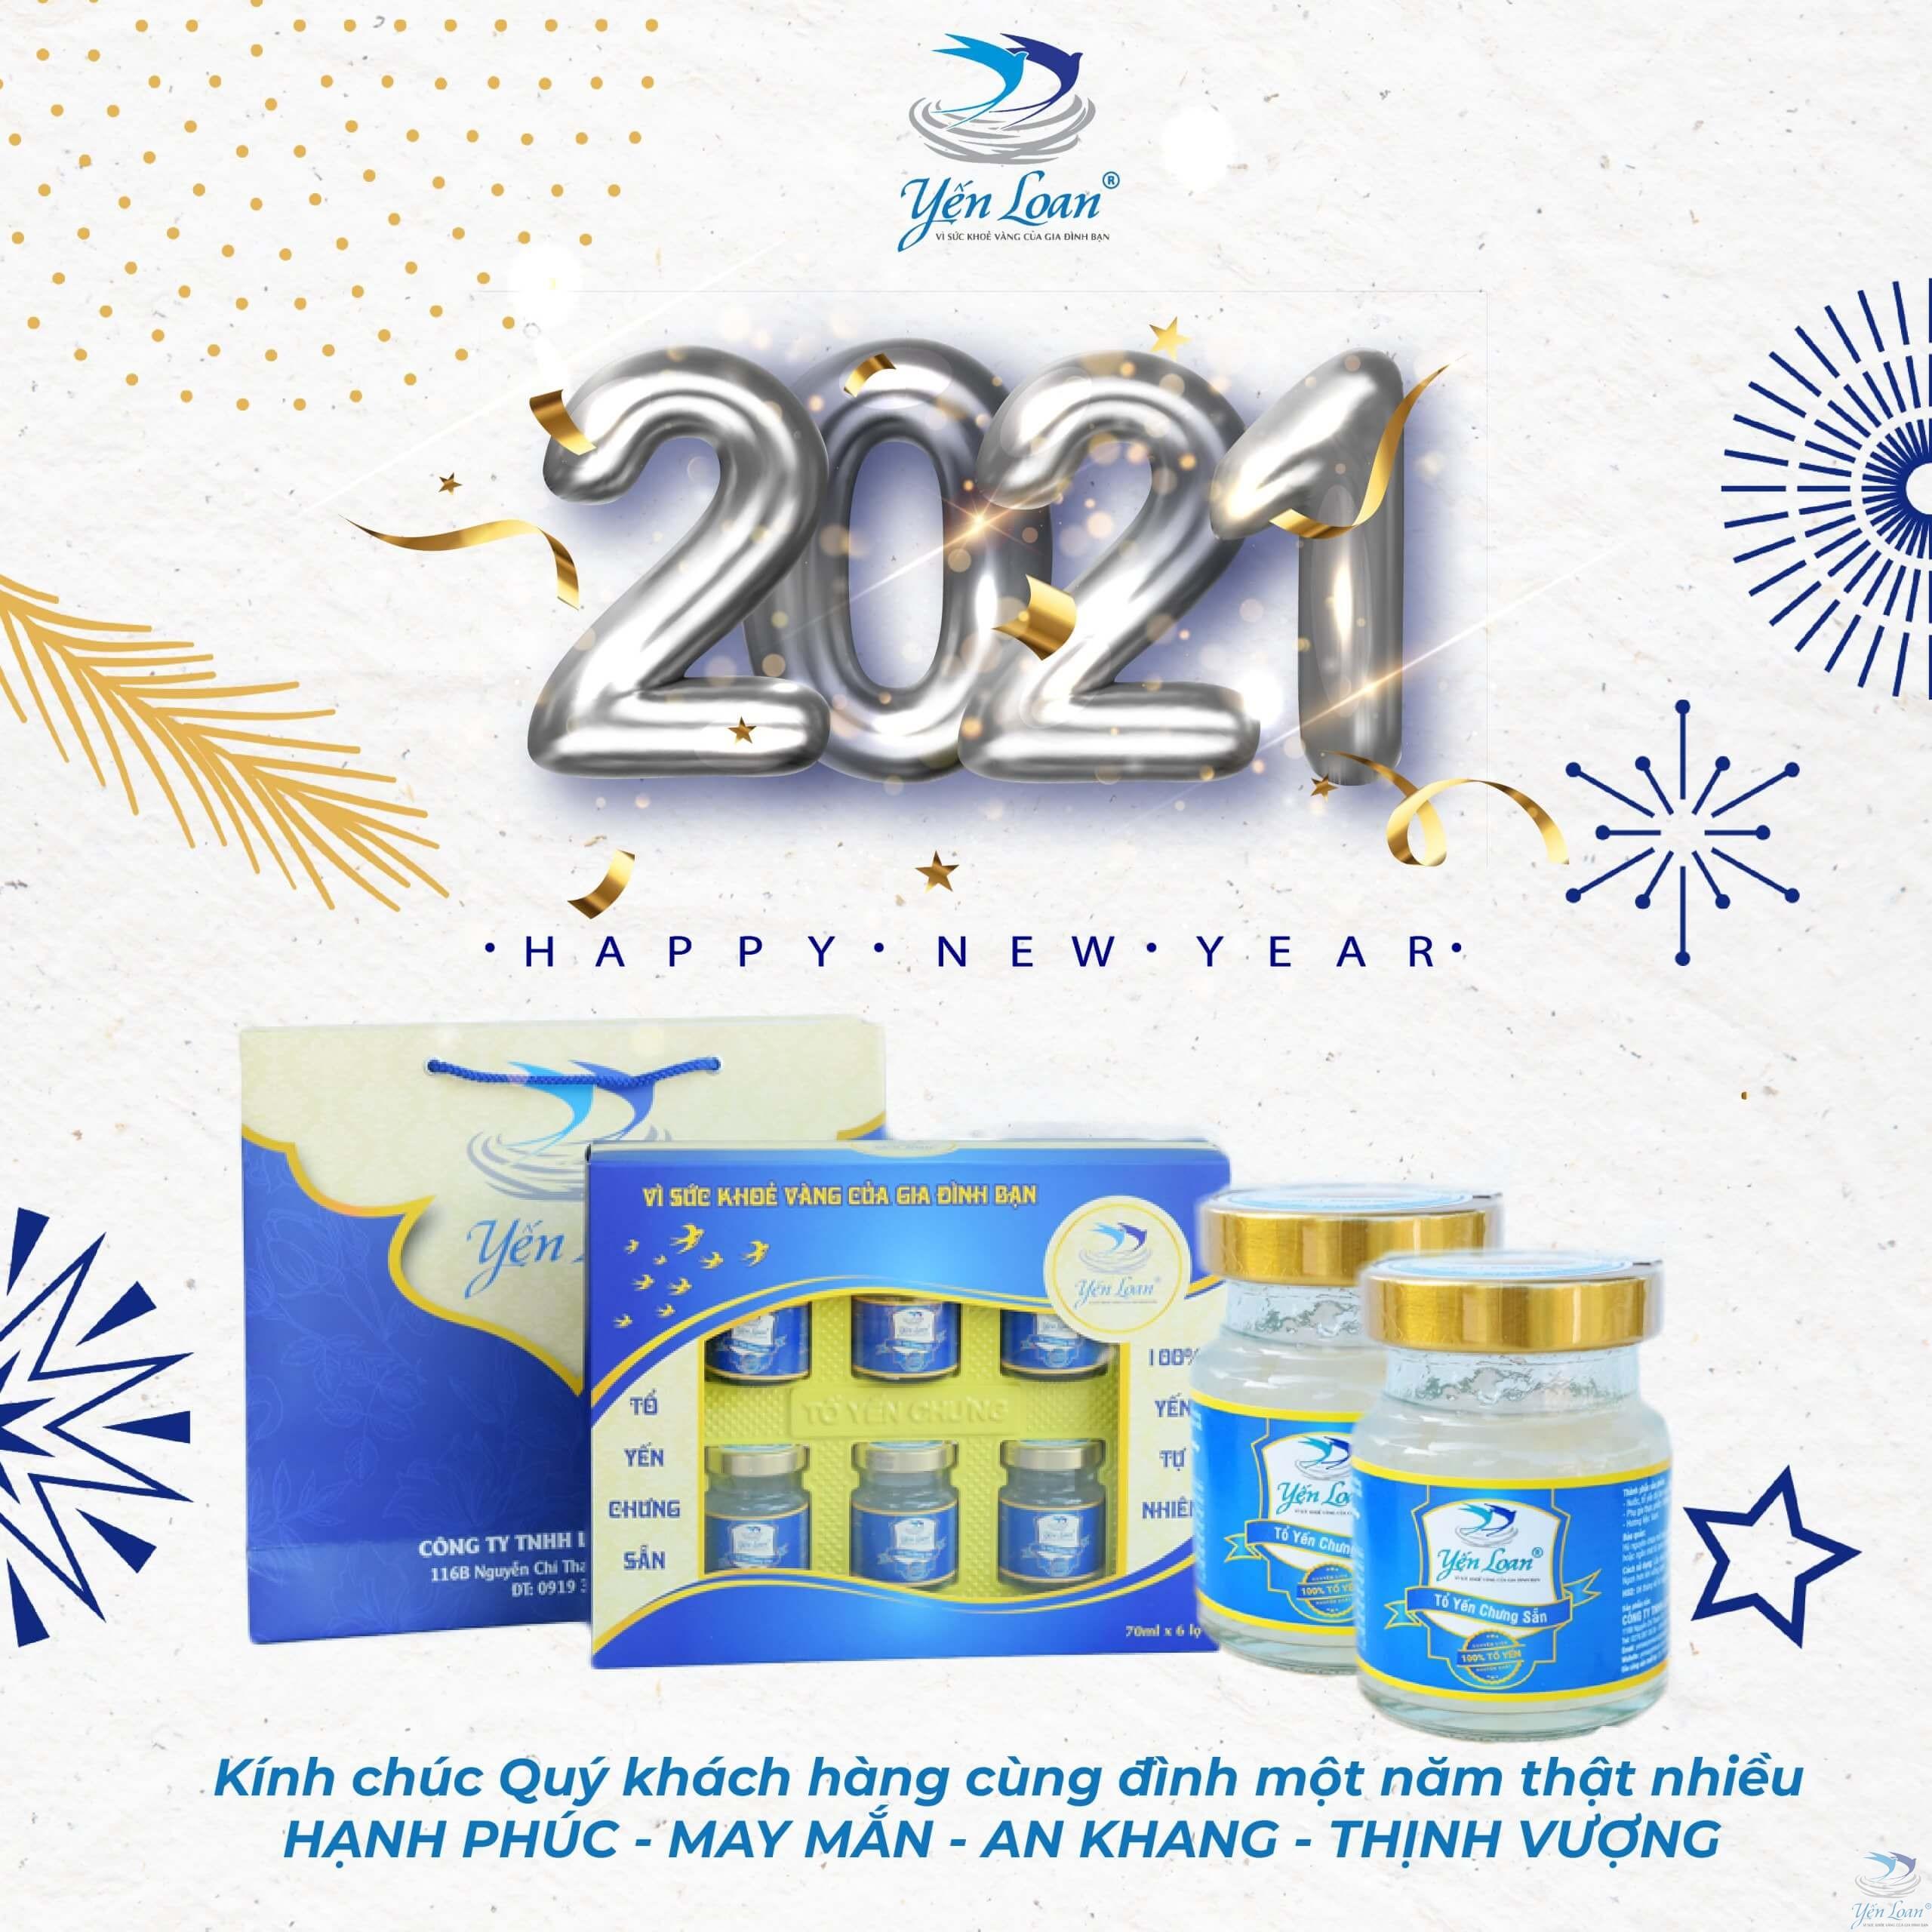 Tết Dương Lịch 2021